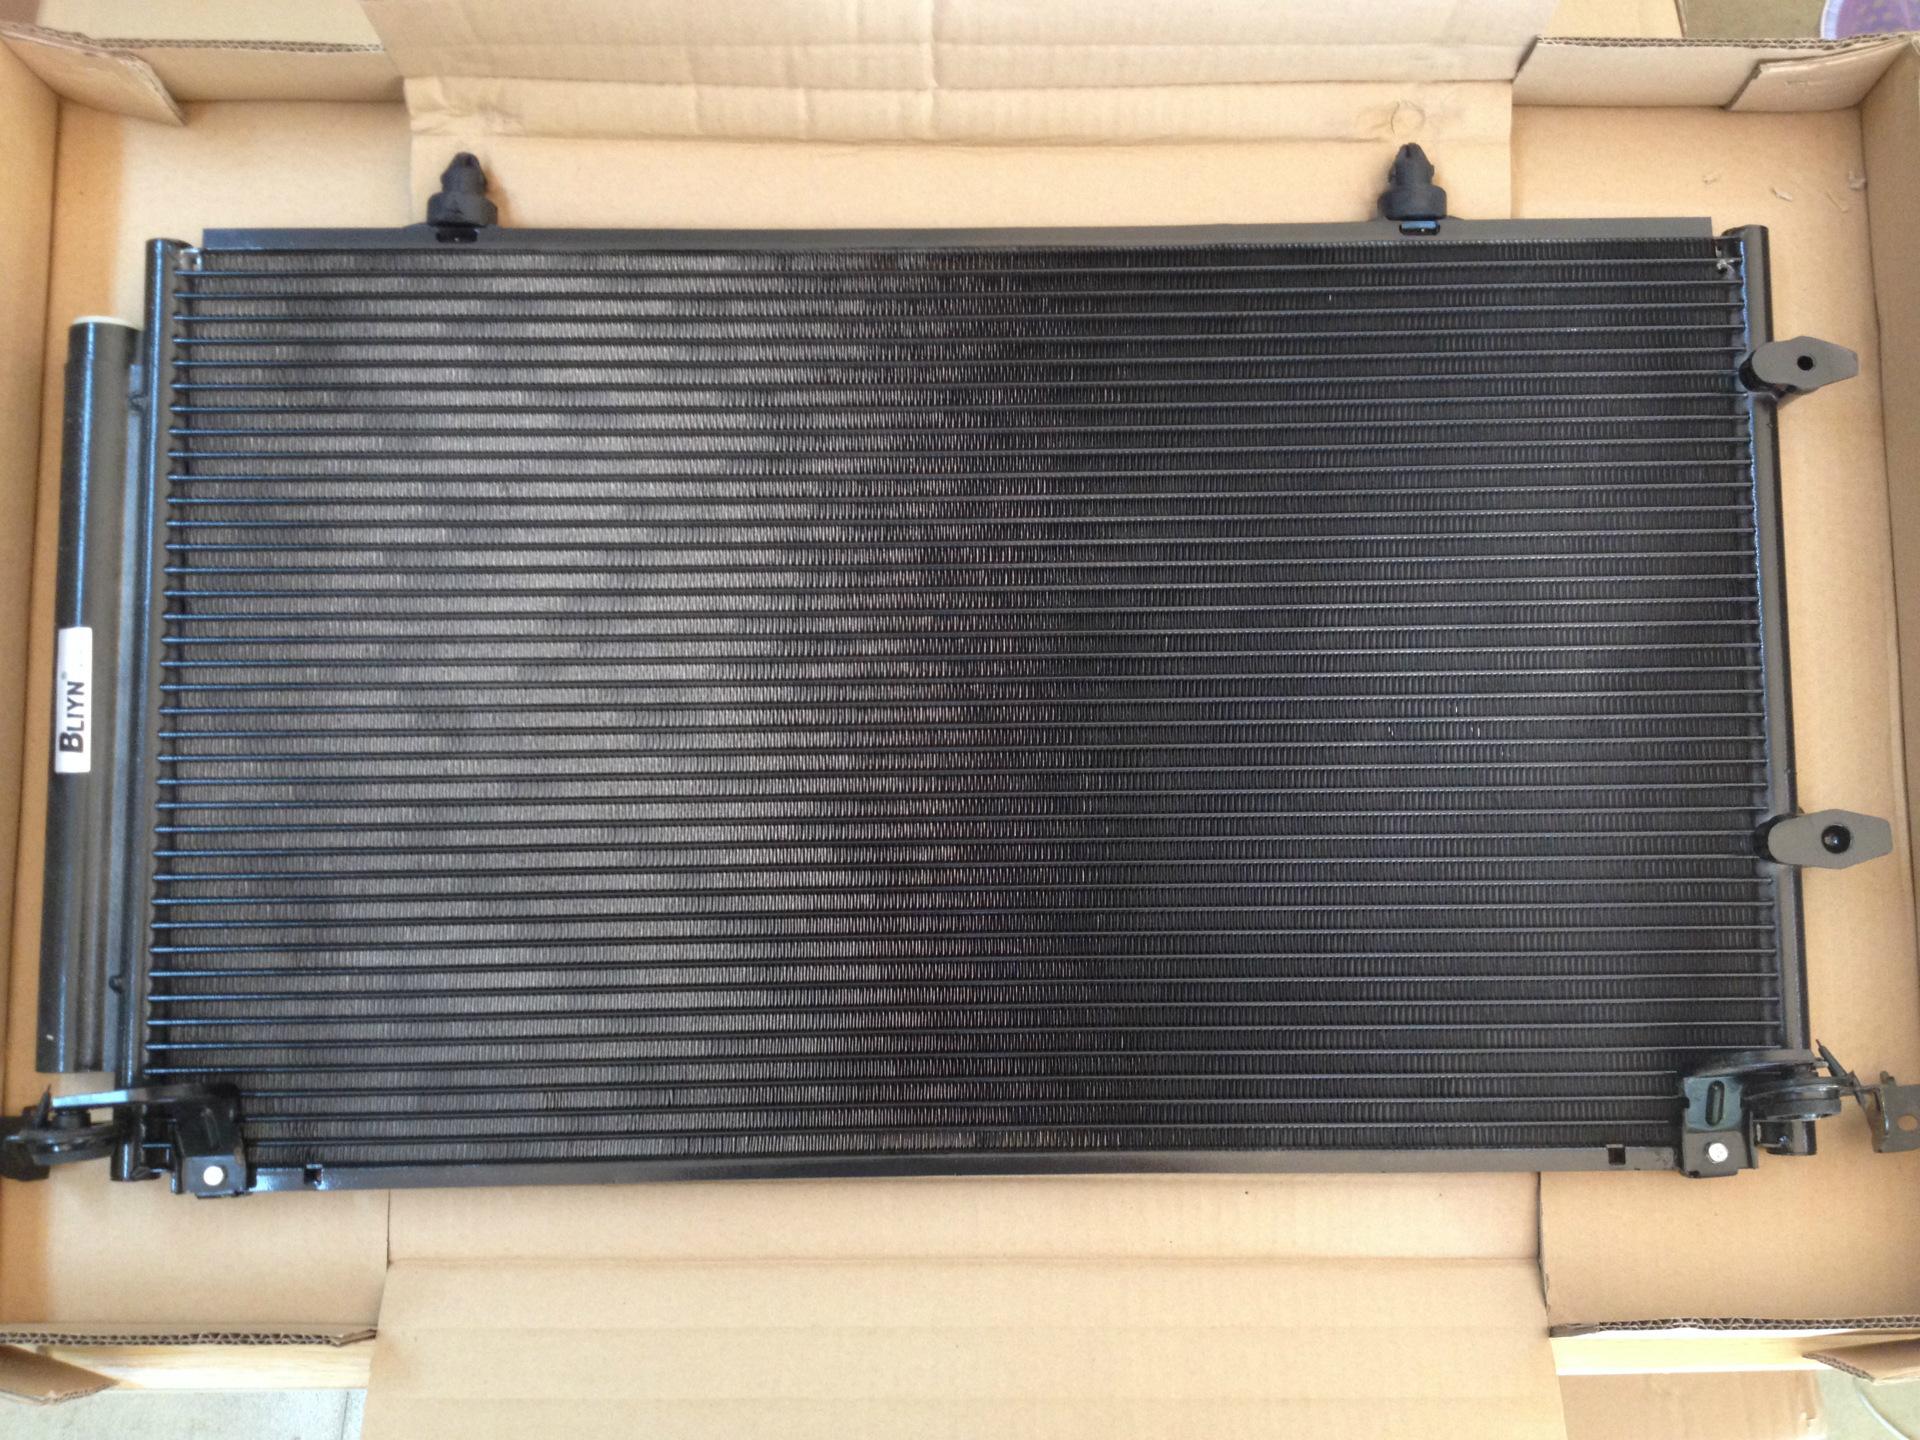 汽车散热器厂家 汽车散热器批发市场 阿里巴巴高清图片